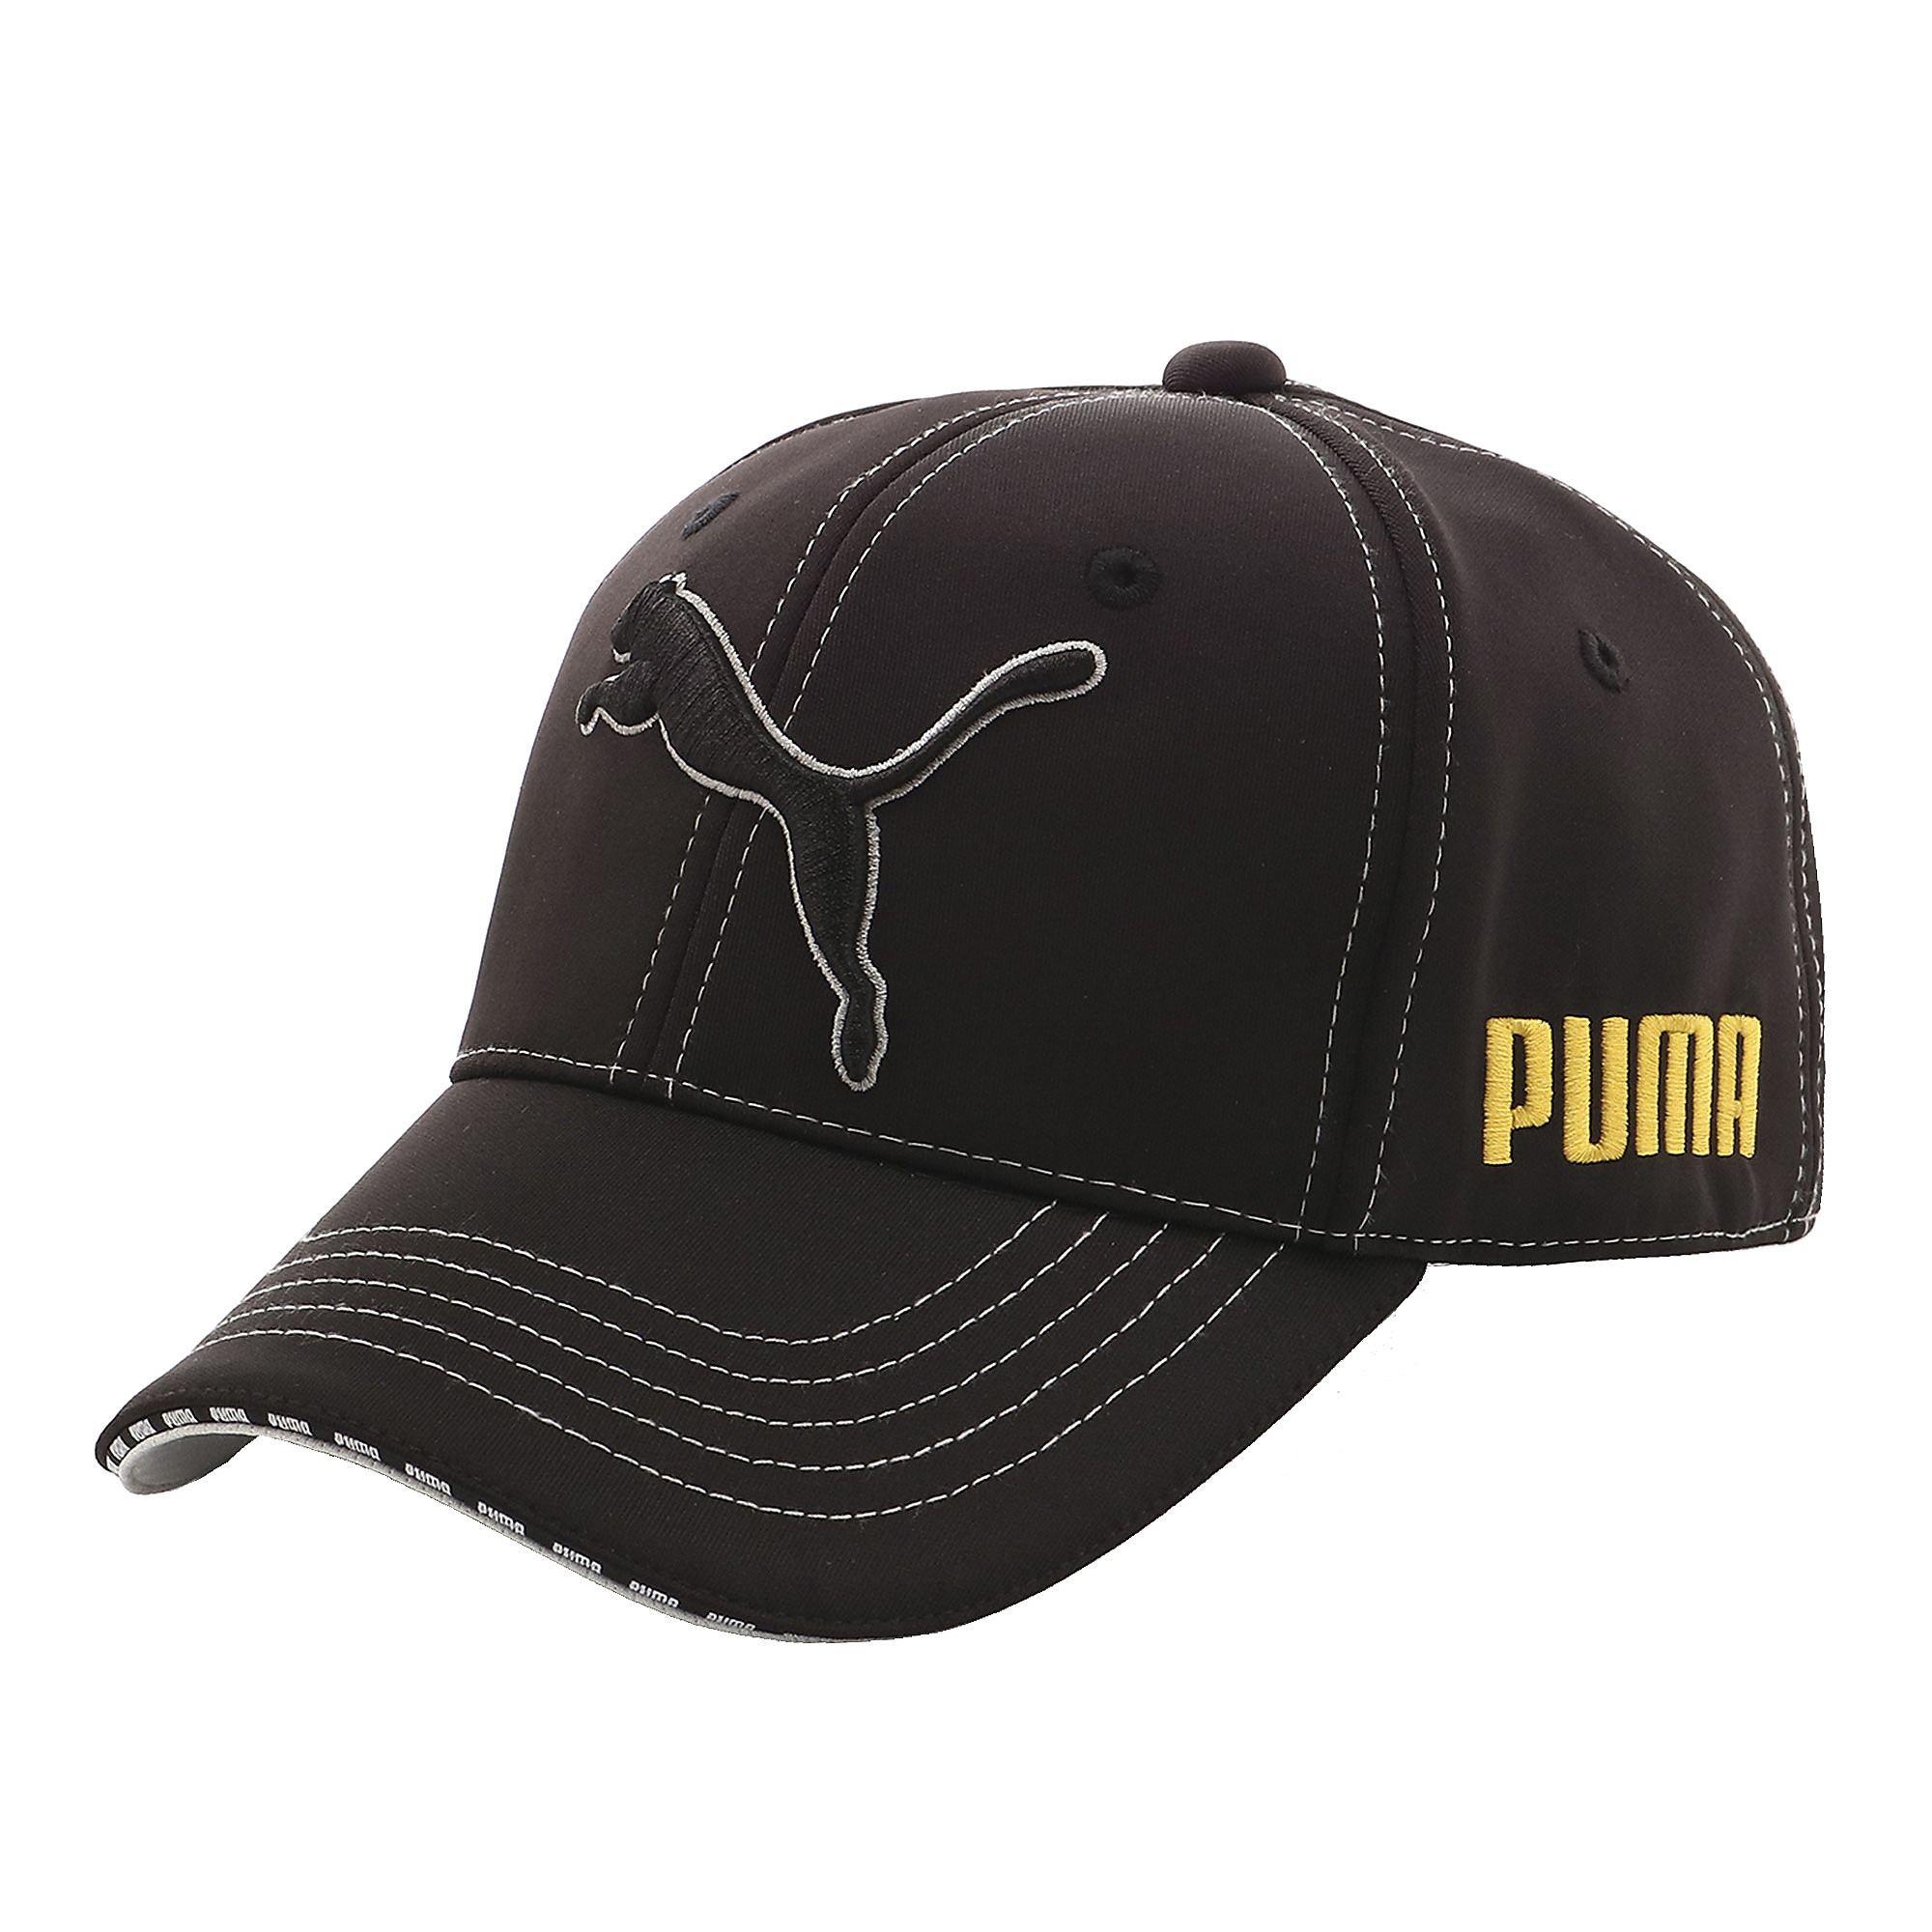 【プーマ公式通販】 プーマ ゴルフ ツアー キャップ メンズ Puma Black |PUMA.com